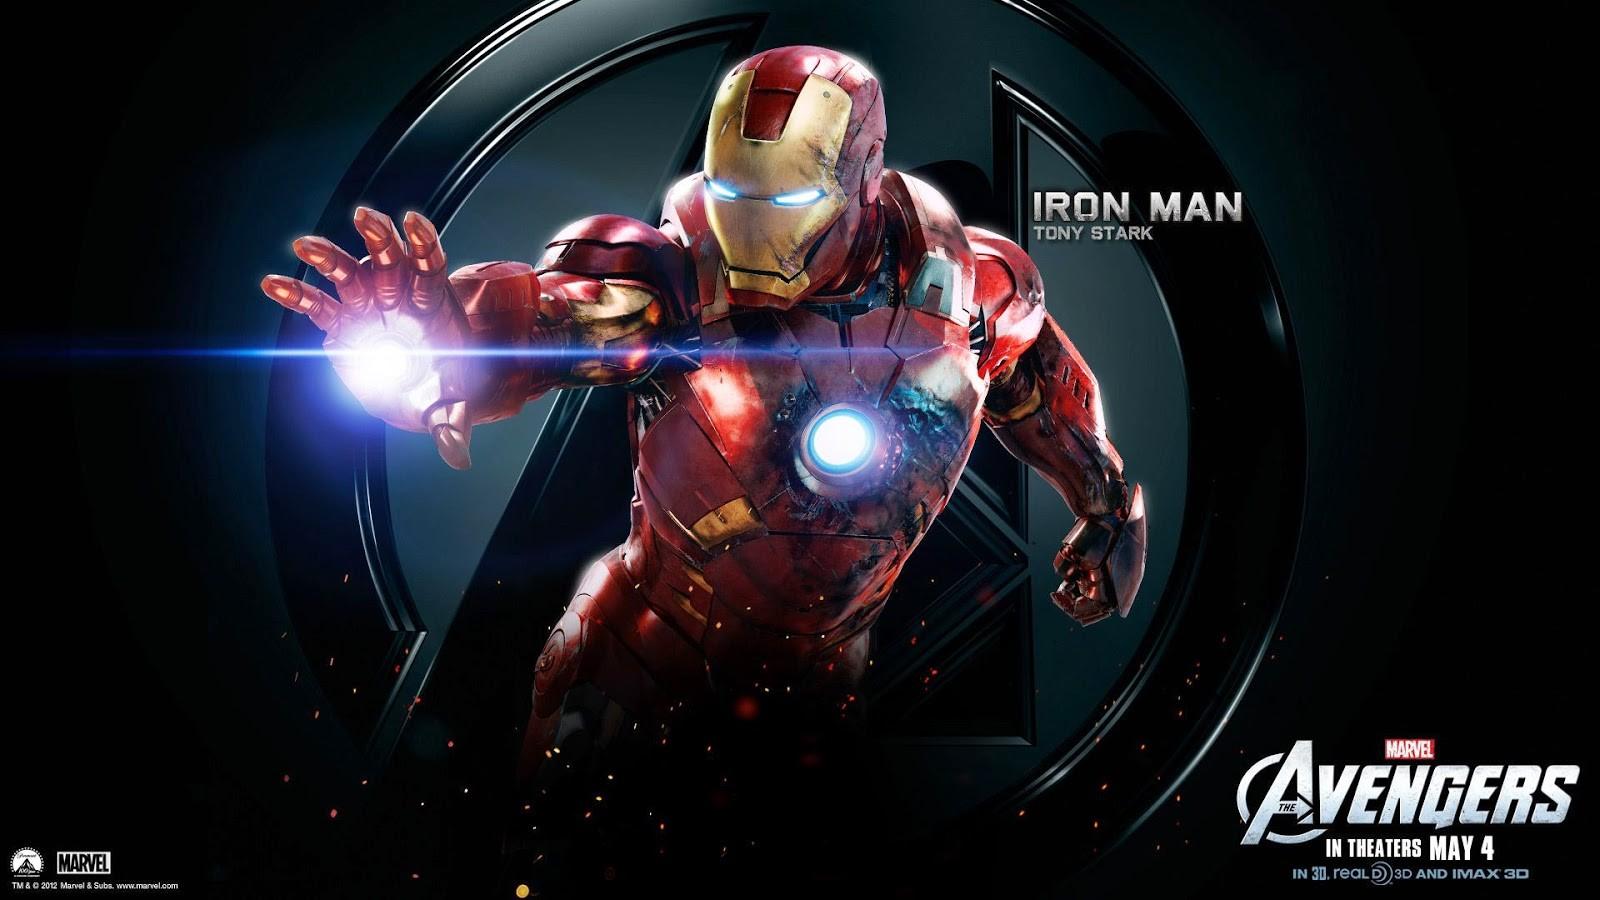 Hình nền : Siêu anh hùng, Người Sắt, The Avengers, Ảnh chụp màn hình, 1600x900 px, Hình nền máy tính 1600x900